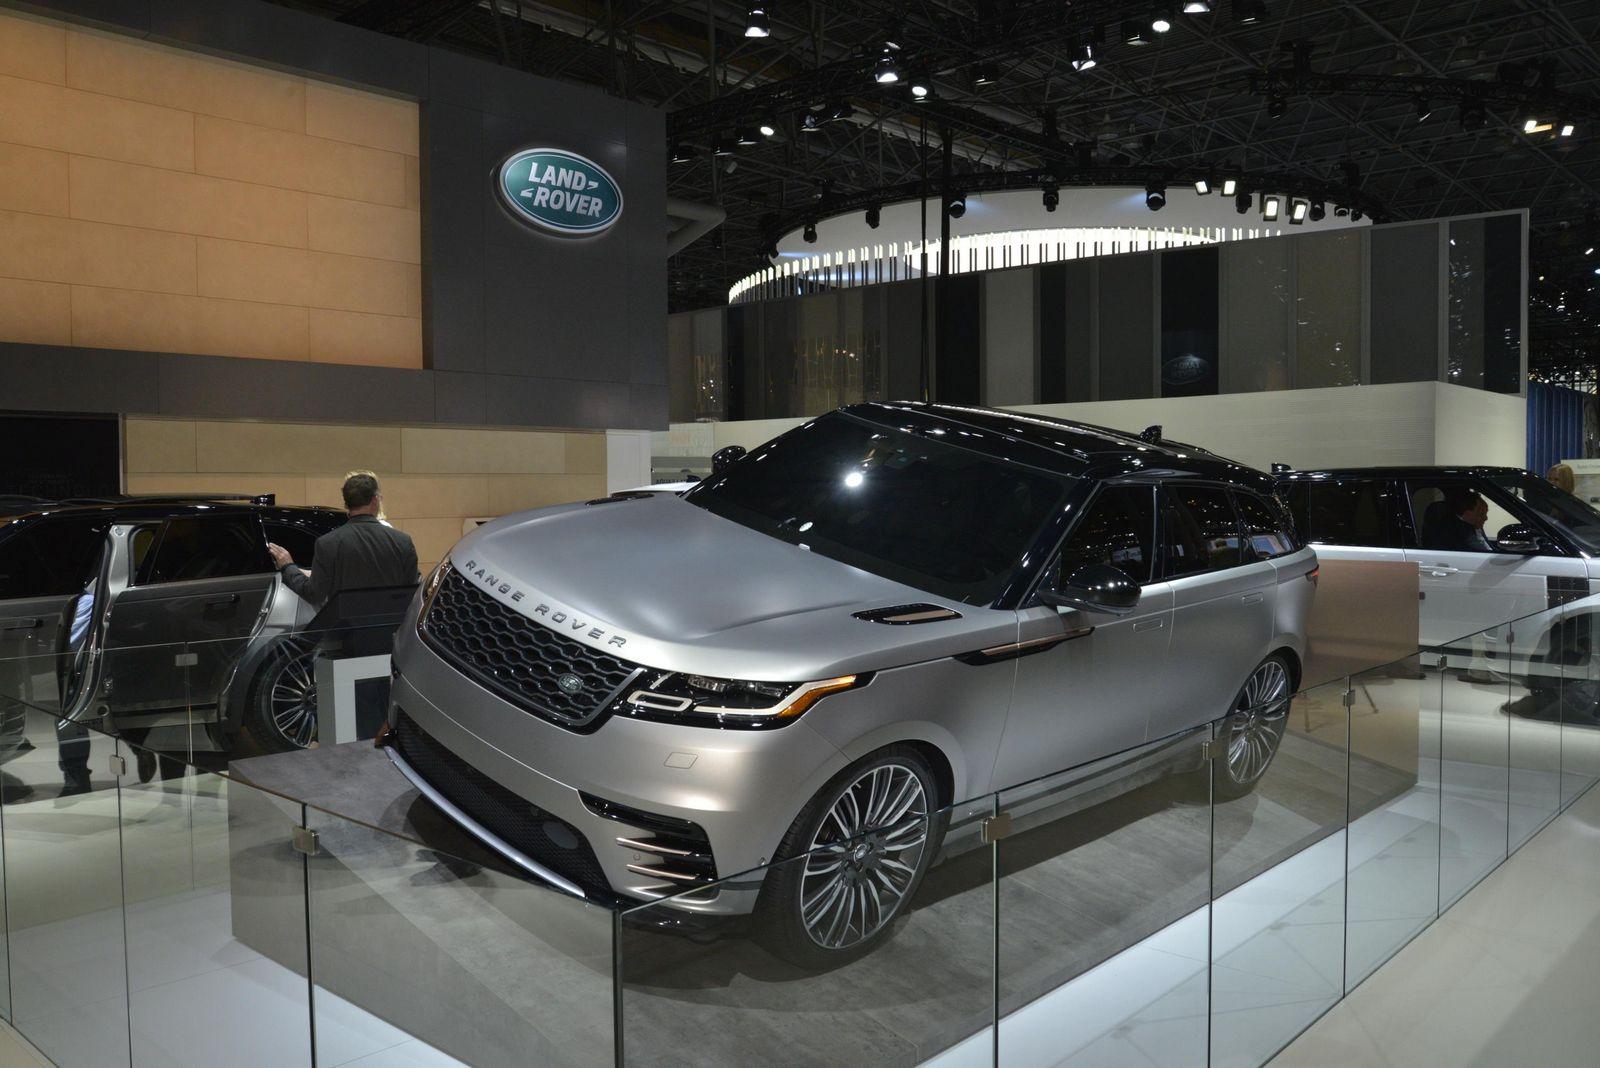 New Range Rover Velar Brings Its Tech Fest To New York Carscoops - Range rover dealer ny